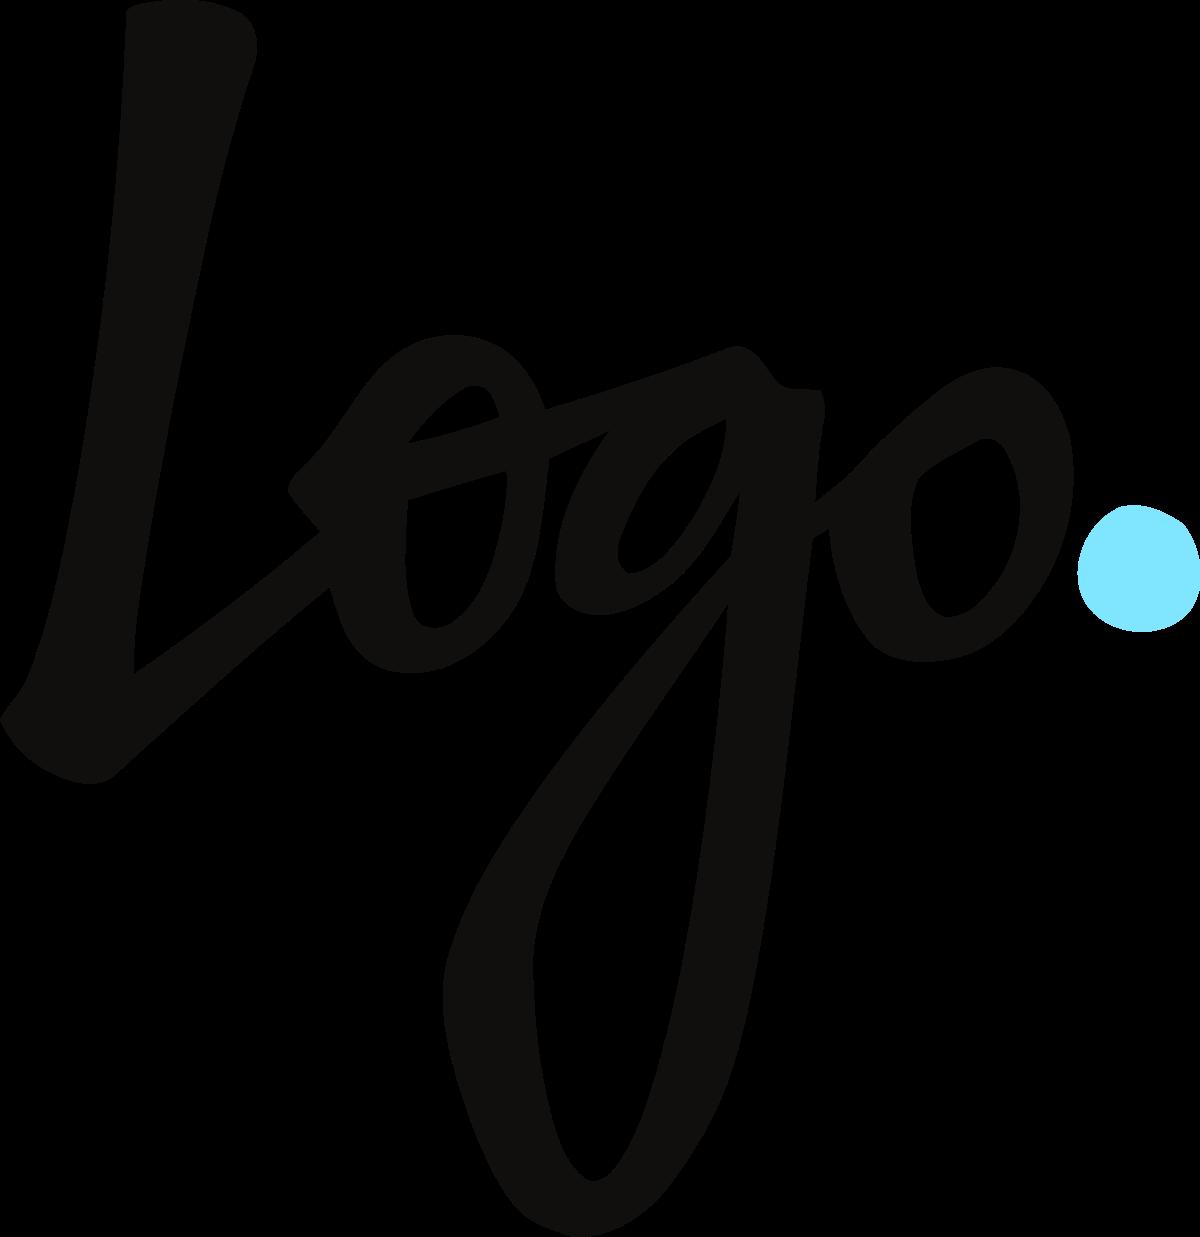 Viacom logo clipart jpg black and white stock Logo TV - Wikipedia jpg black and white stock